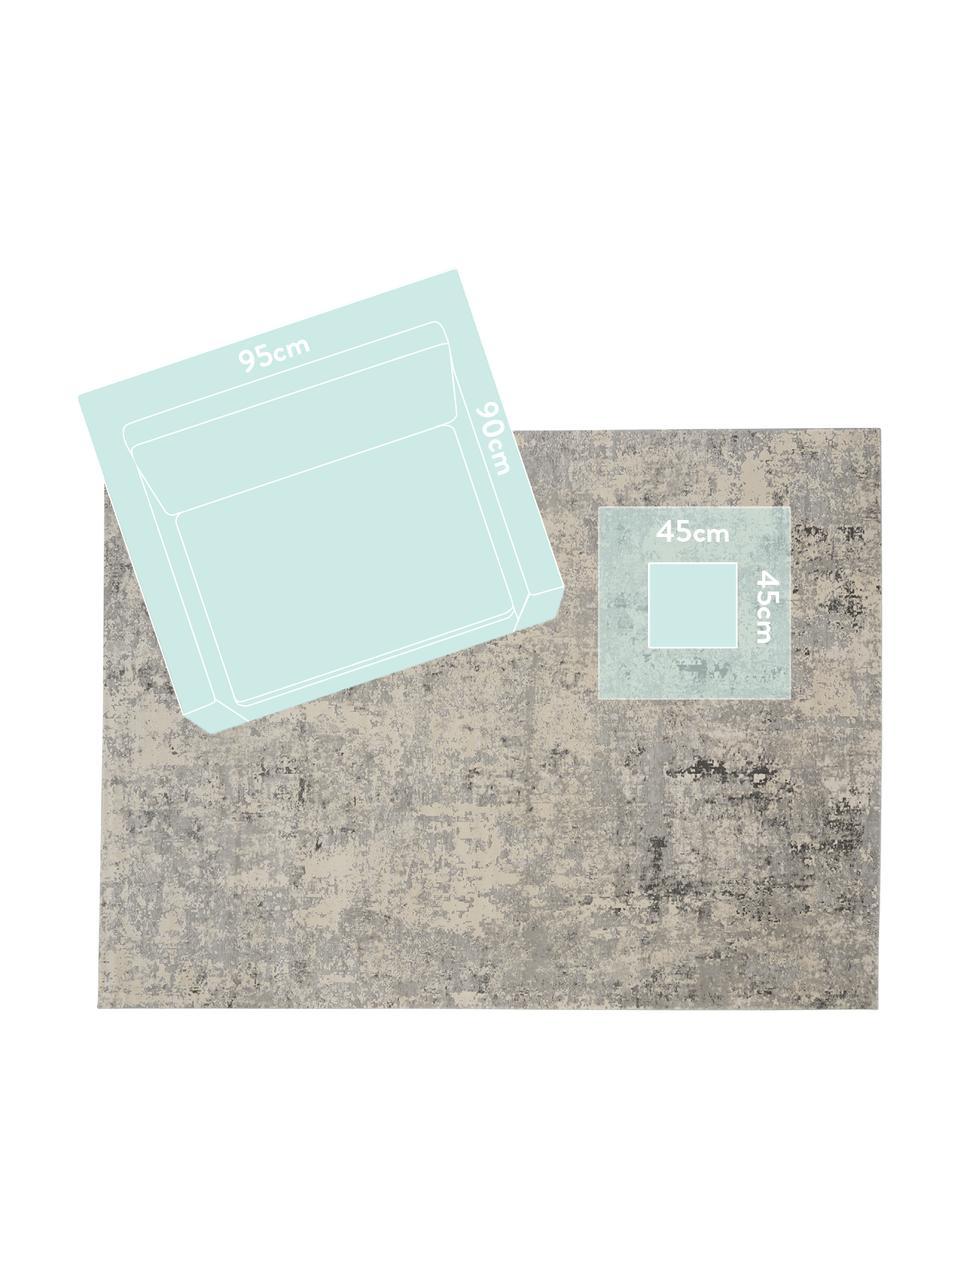 Vloerkleed Rustic in grijs/beige met hoog-laag structuur, Bovenzijde: 51% polypropyleen, 49% po, Onderzijde: latex, Grijs, beige, B 240 x L 320 cm (maat L)